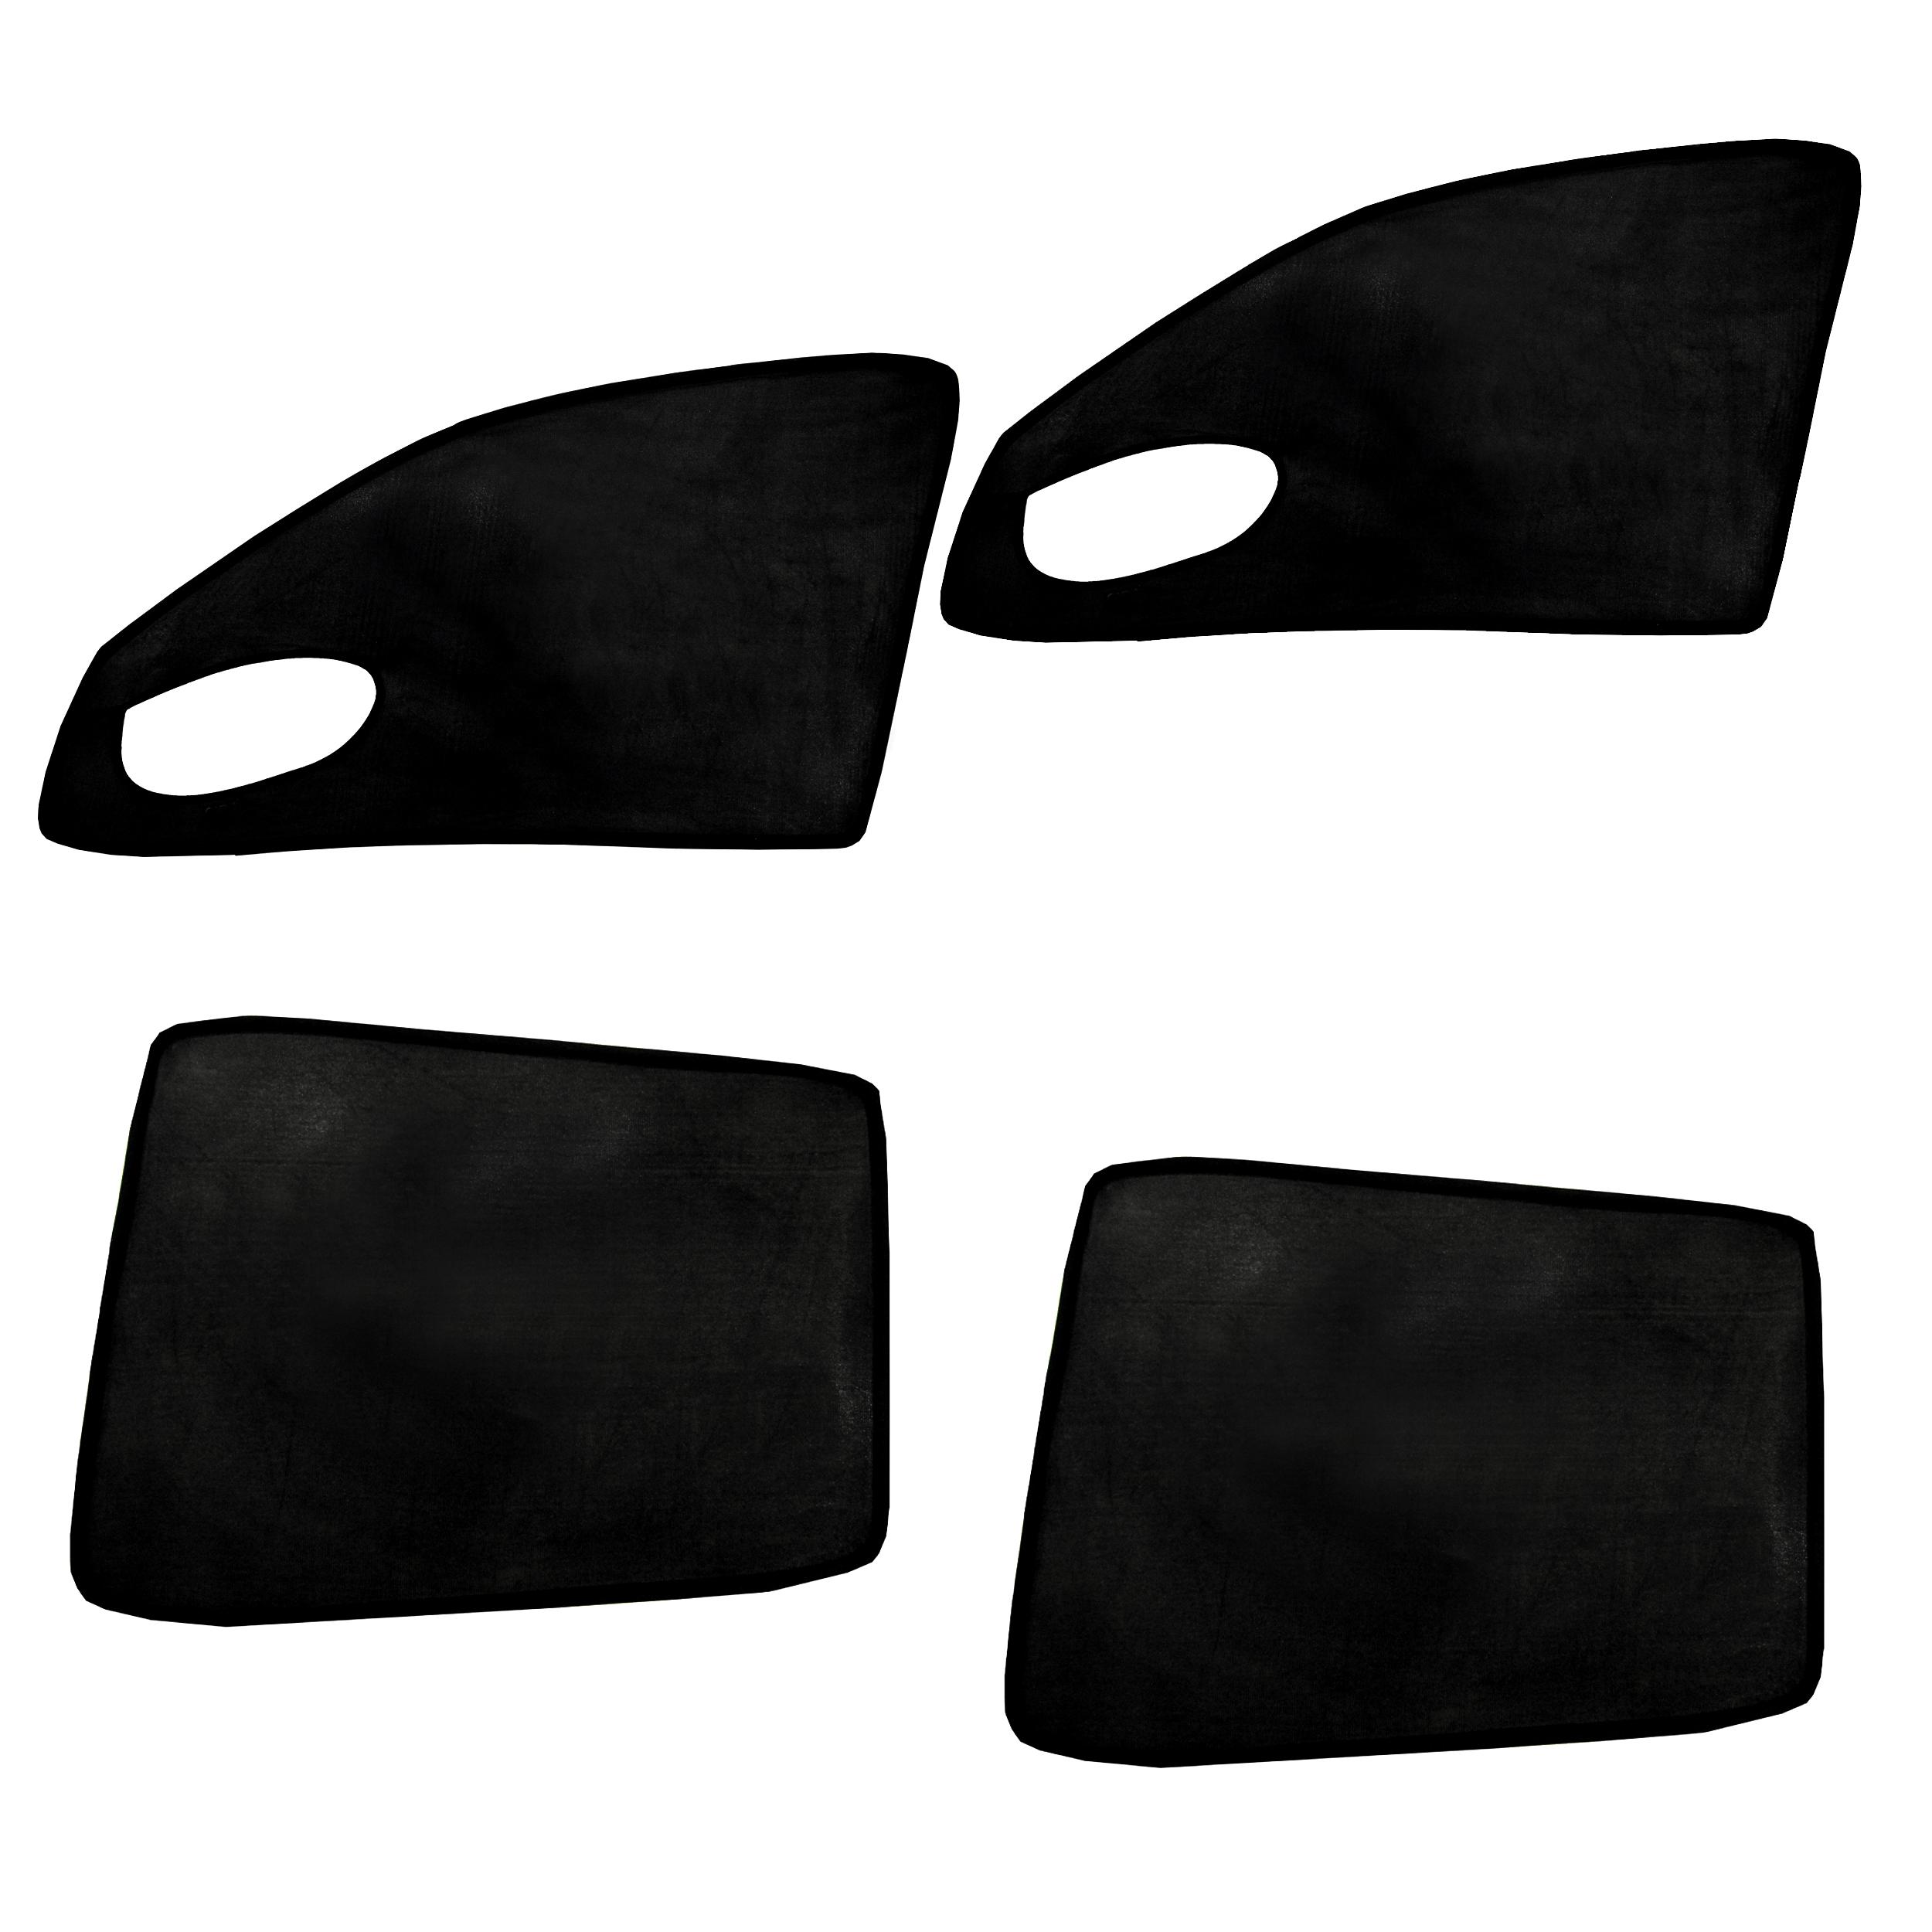 آفتابگیر شیشه خودرو مناسب برای سمند، سورن و دنا بسته 4 عددی